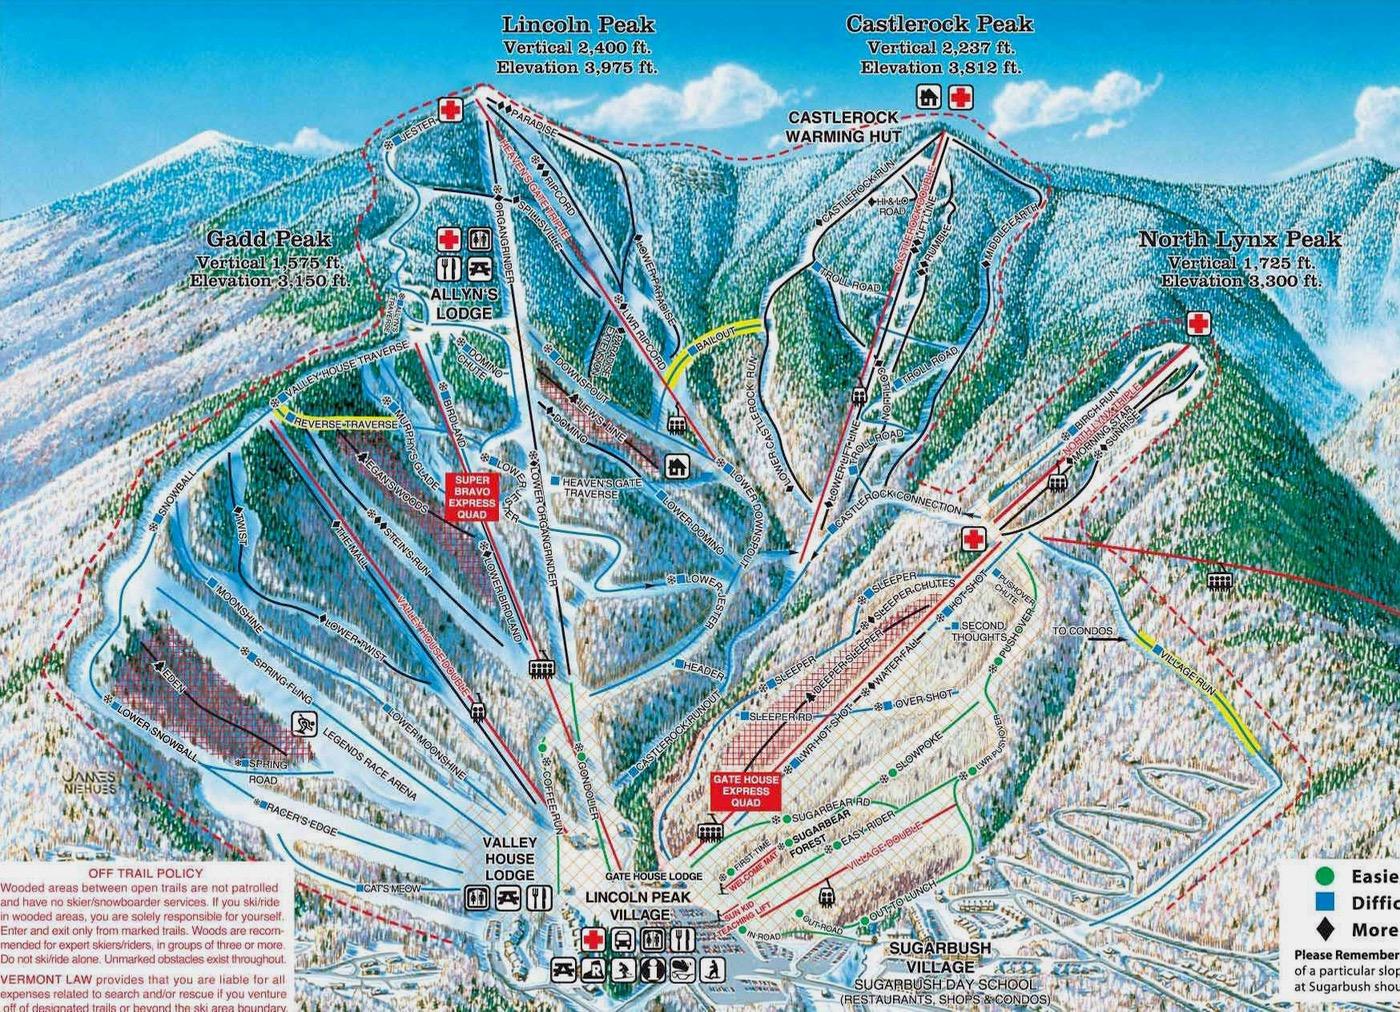 sugarbush-lincoln-peak-castlerock-trail-map